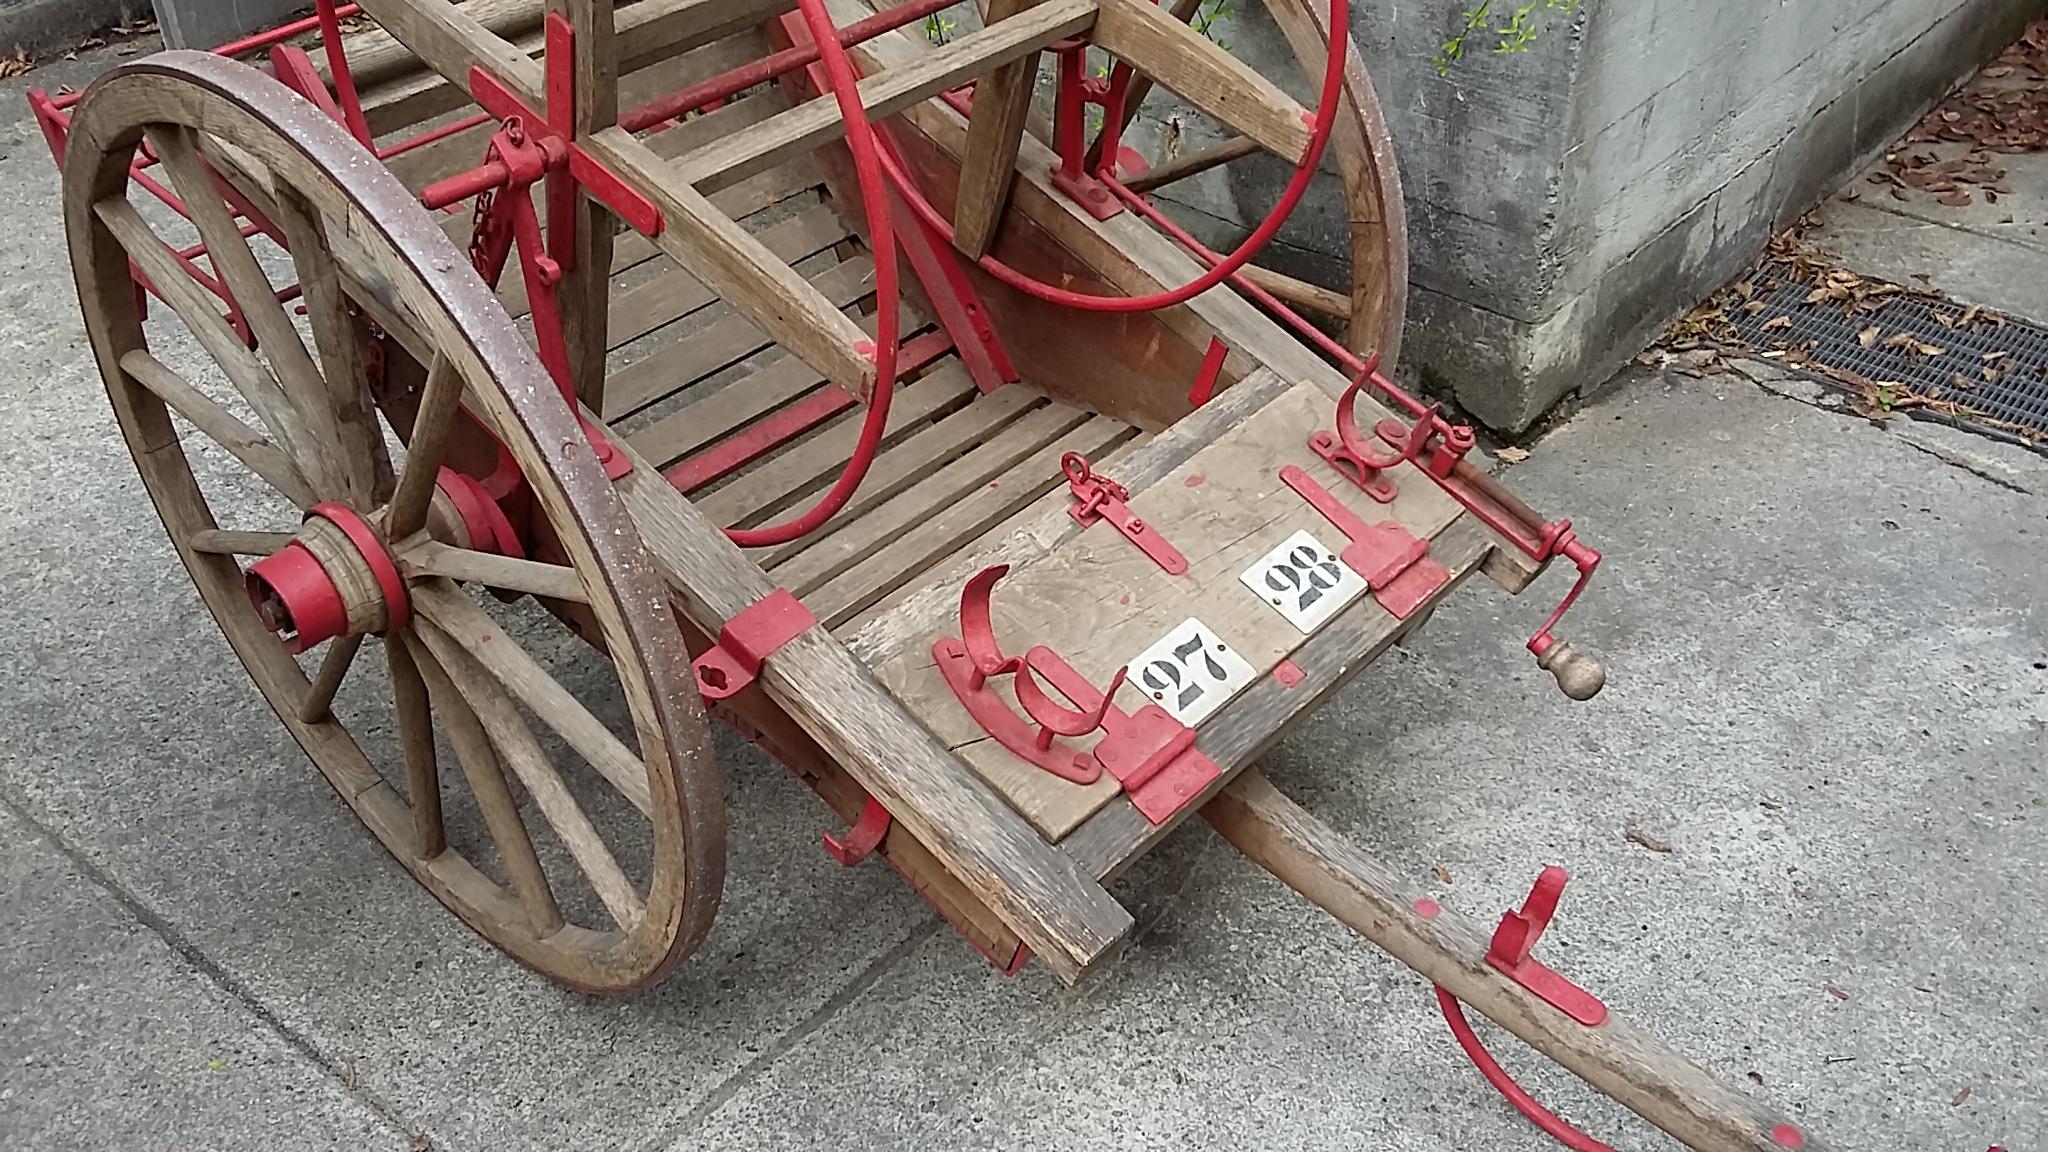 Feuerwehr-Schlauchwagen, Haspelwagen